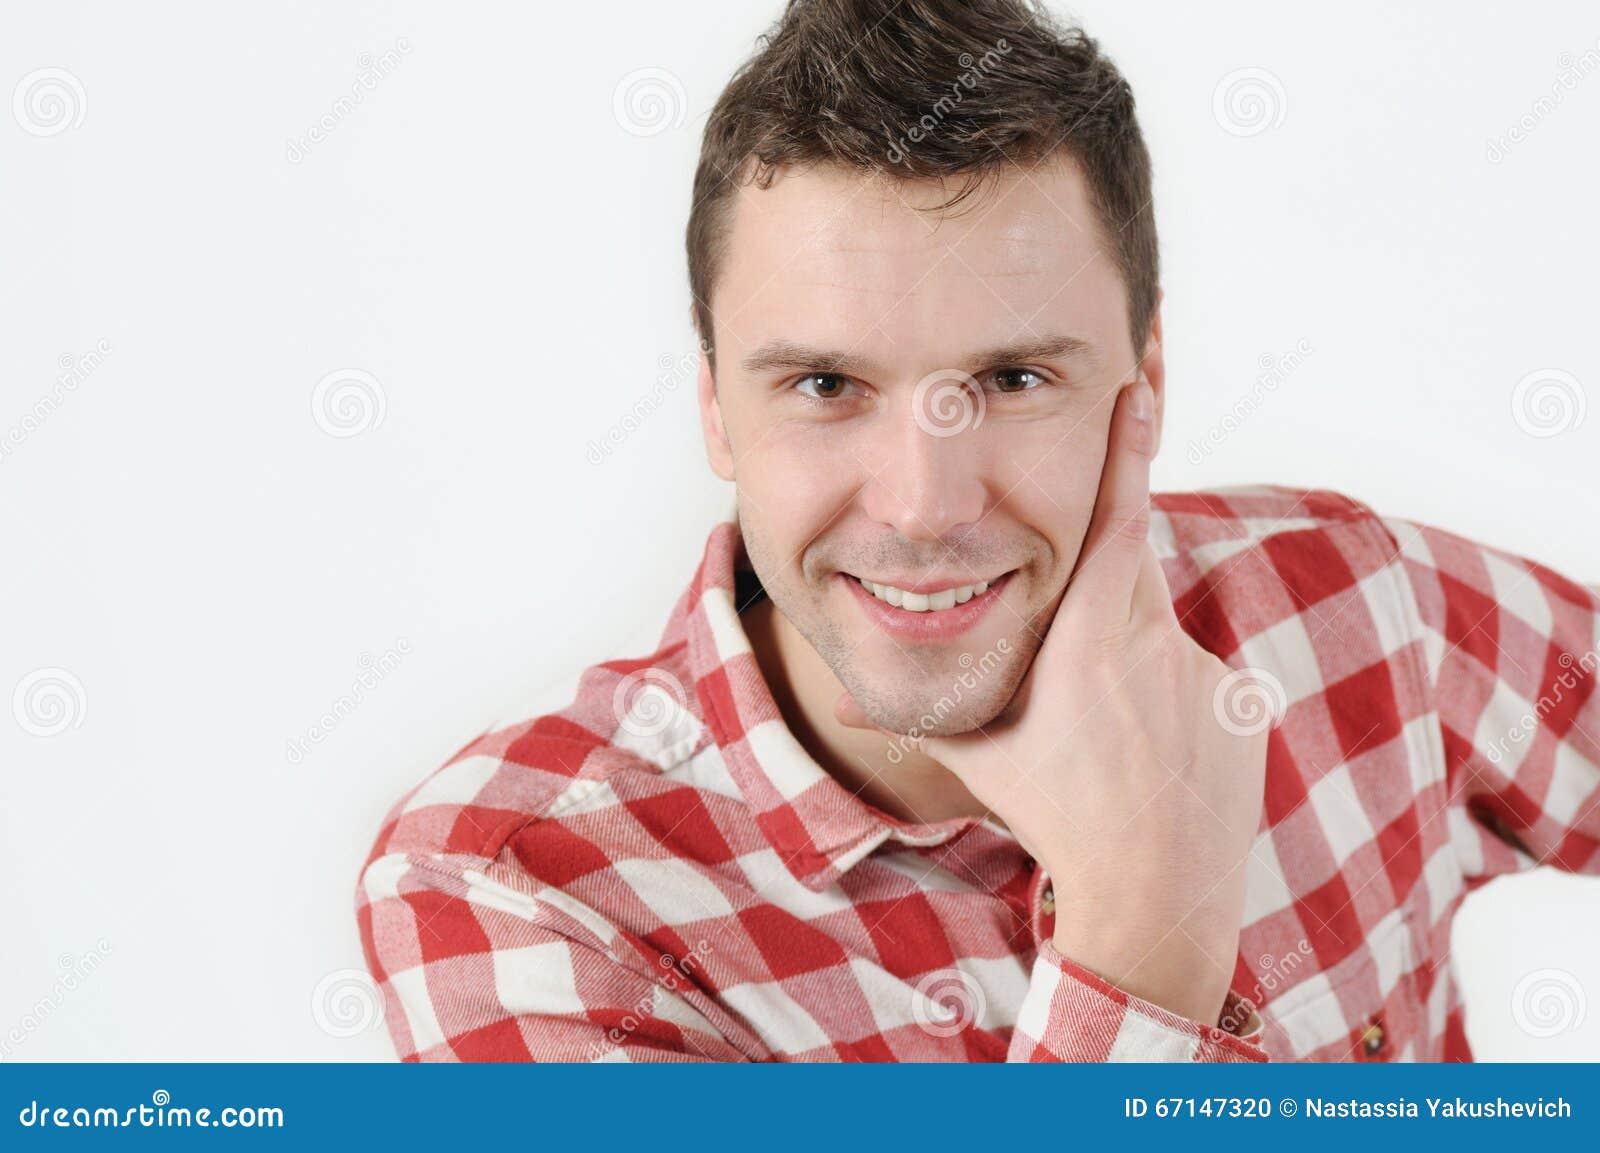 Νεαρός άνδρας στο χέρι εκμετάλλευσης πουκάμισων hipster στο πηγούνι και στάση στο άσπρο κλίμα